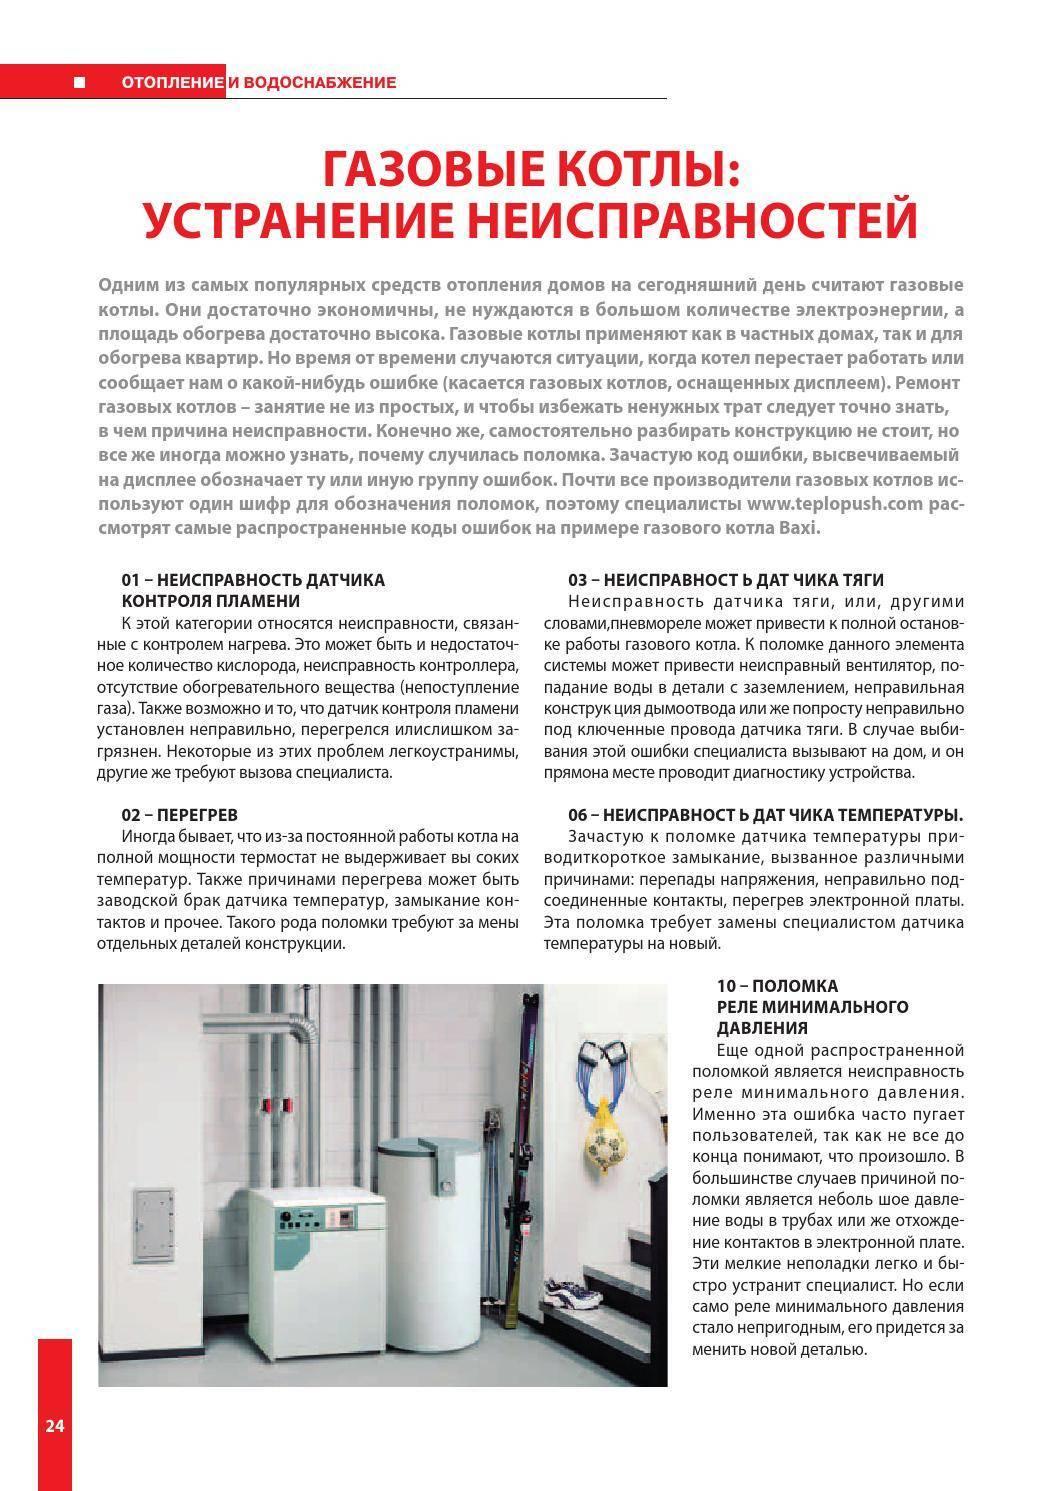 Диагностика газовых котлов - система удаления продуктов сгорания